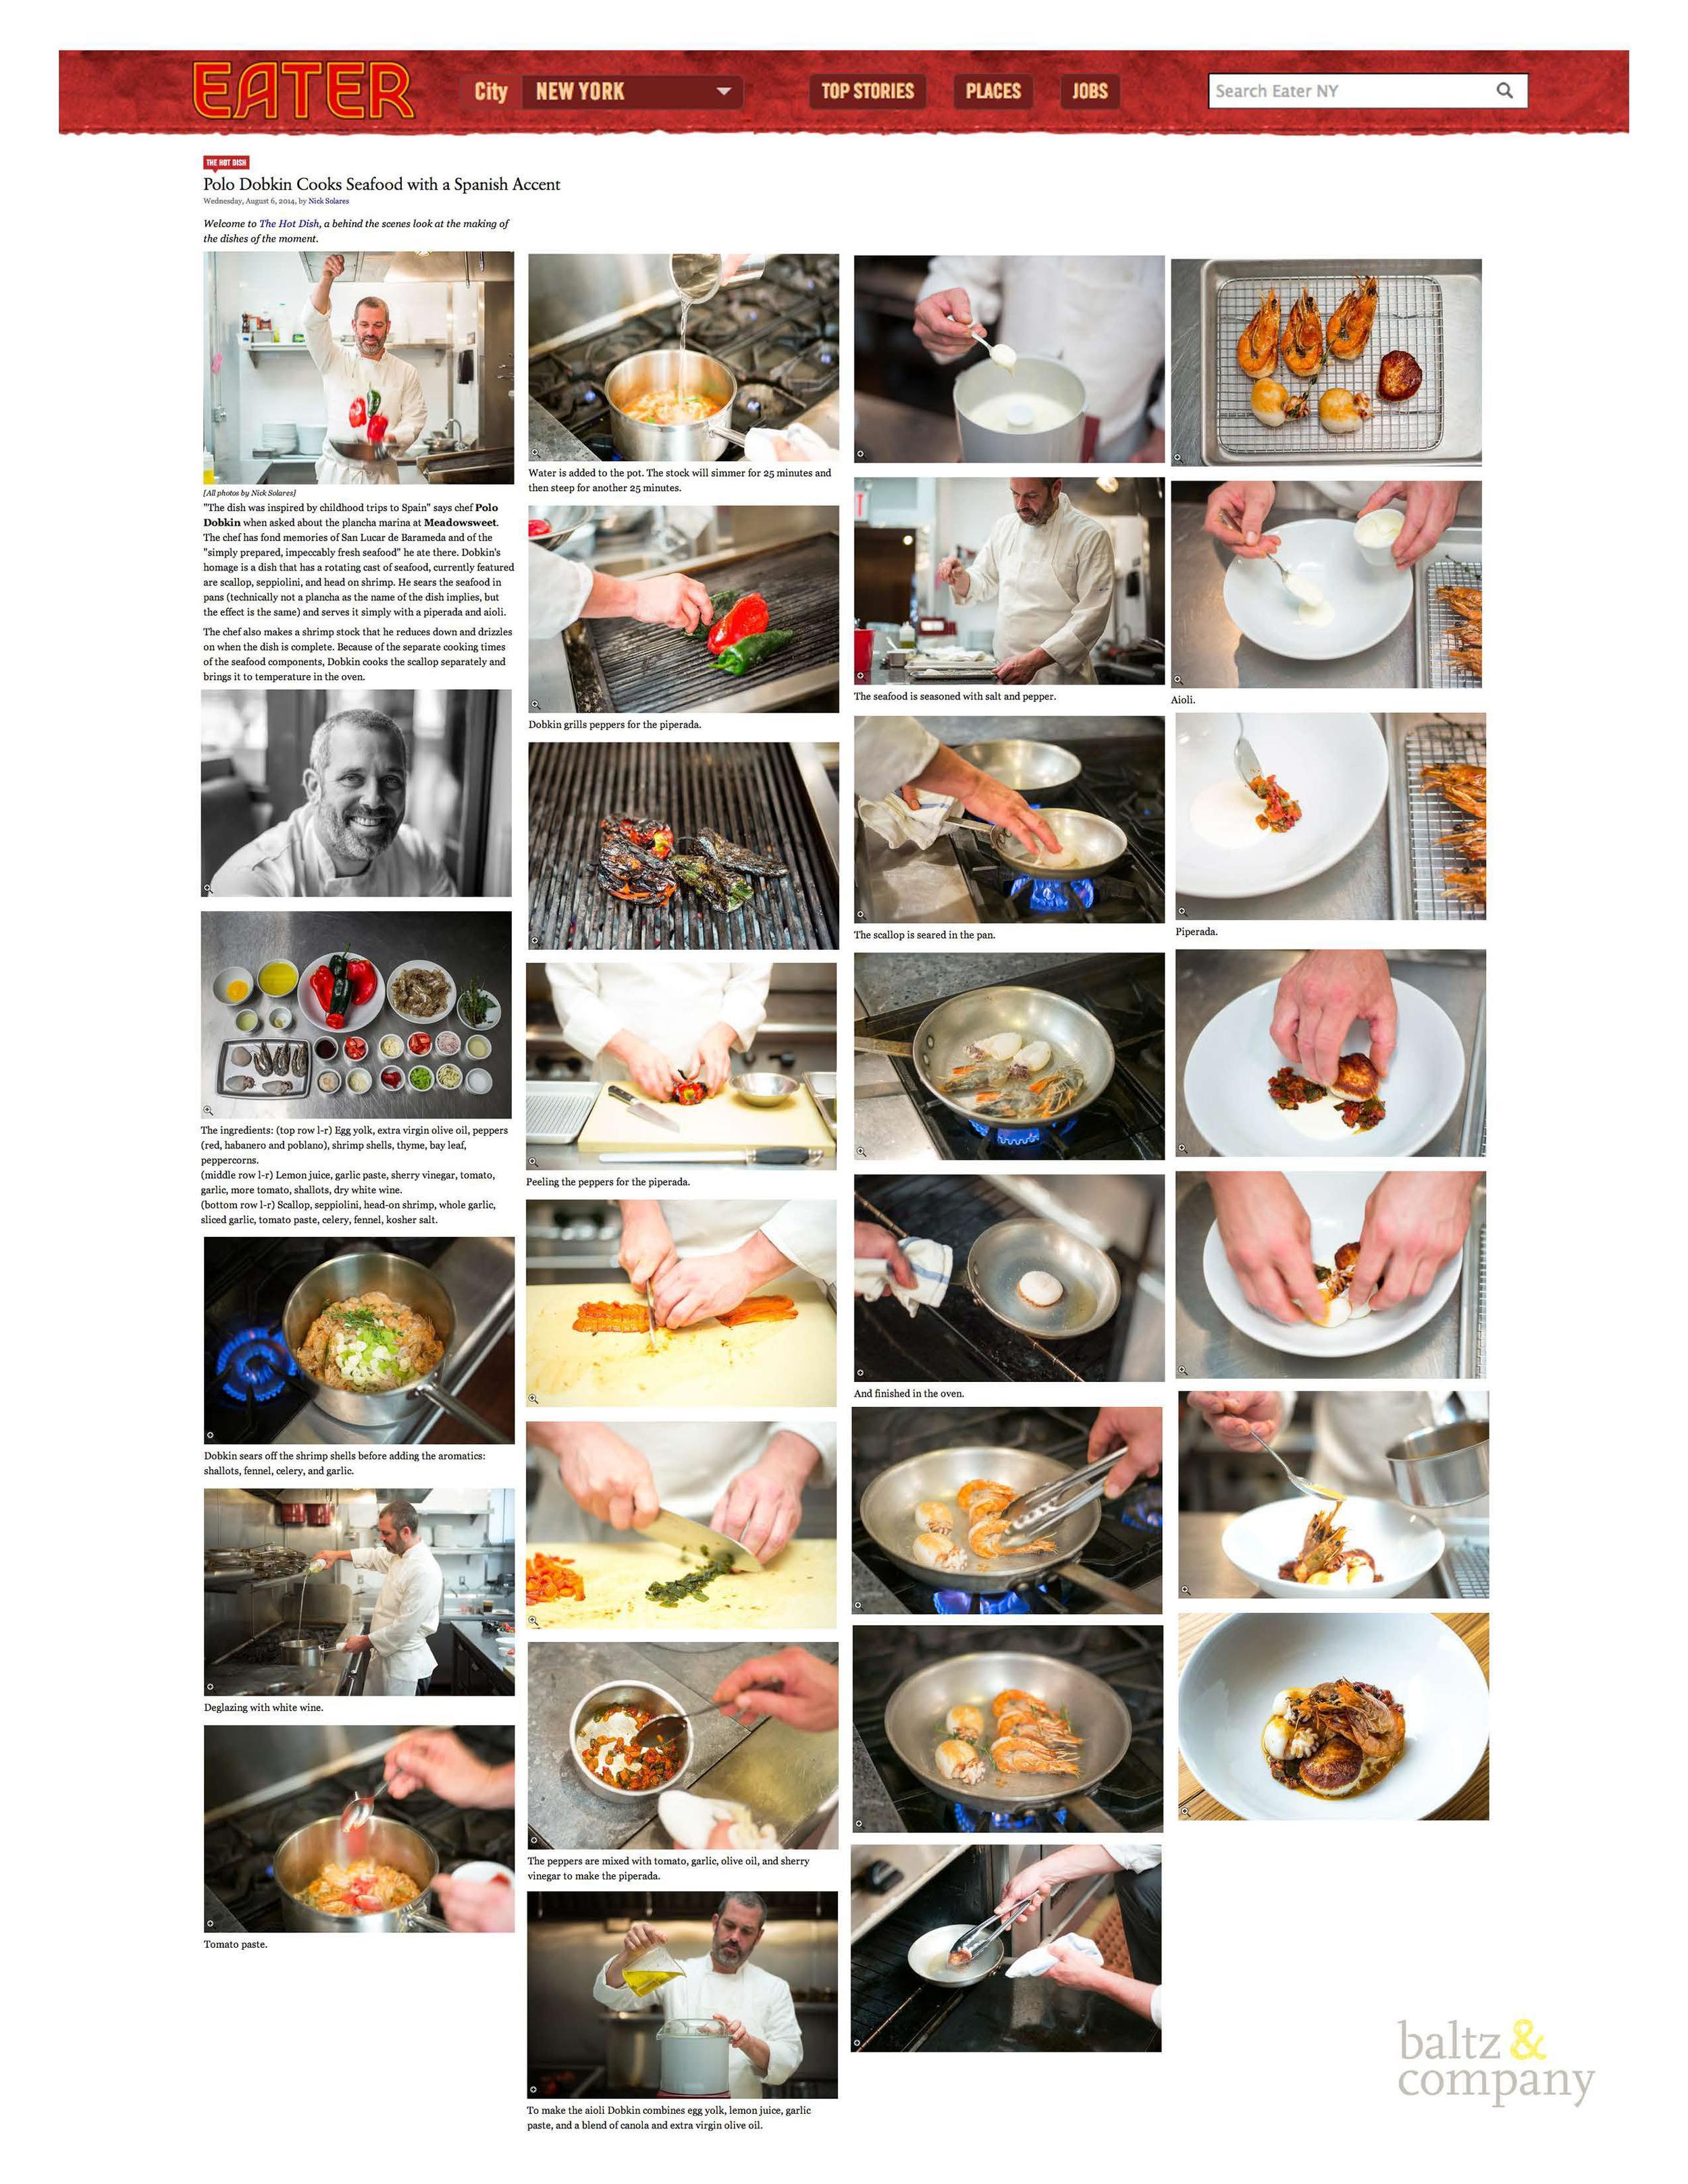 Eater-4.jpg